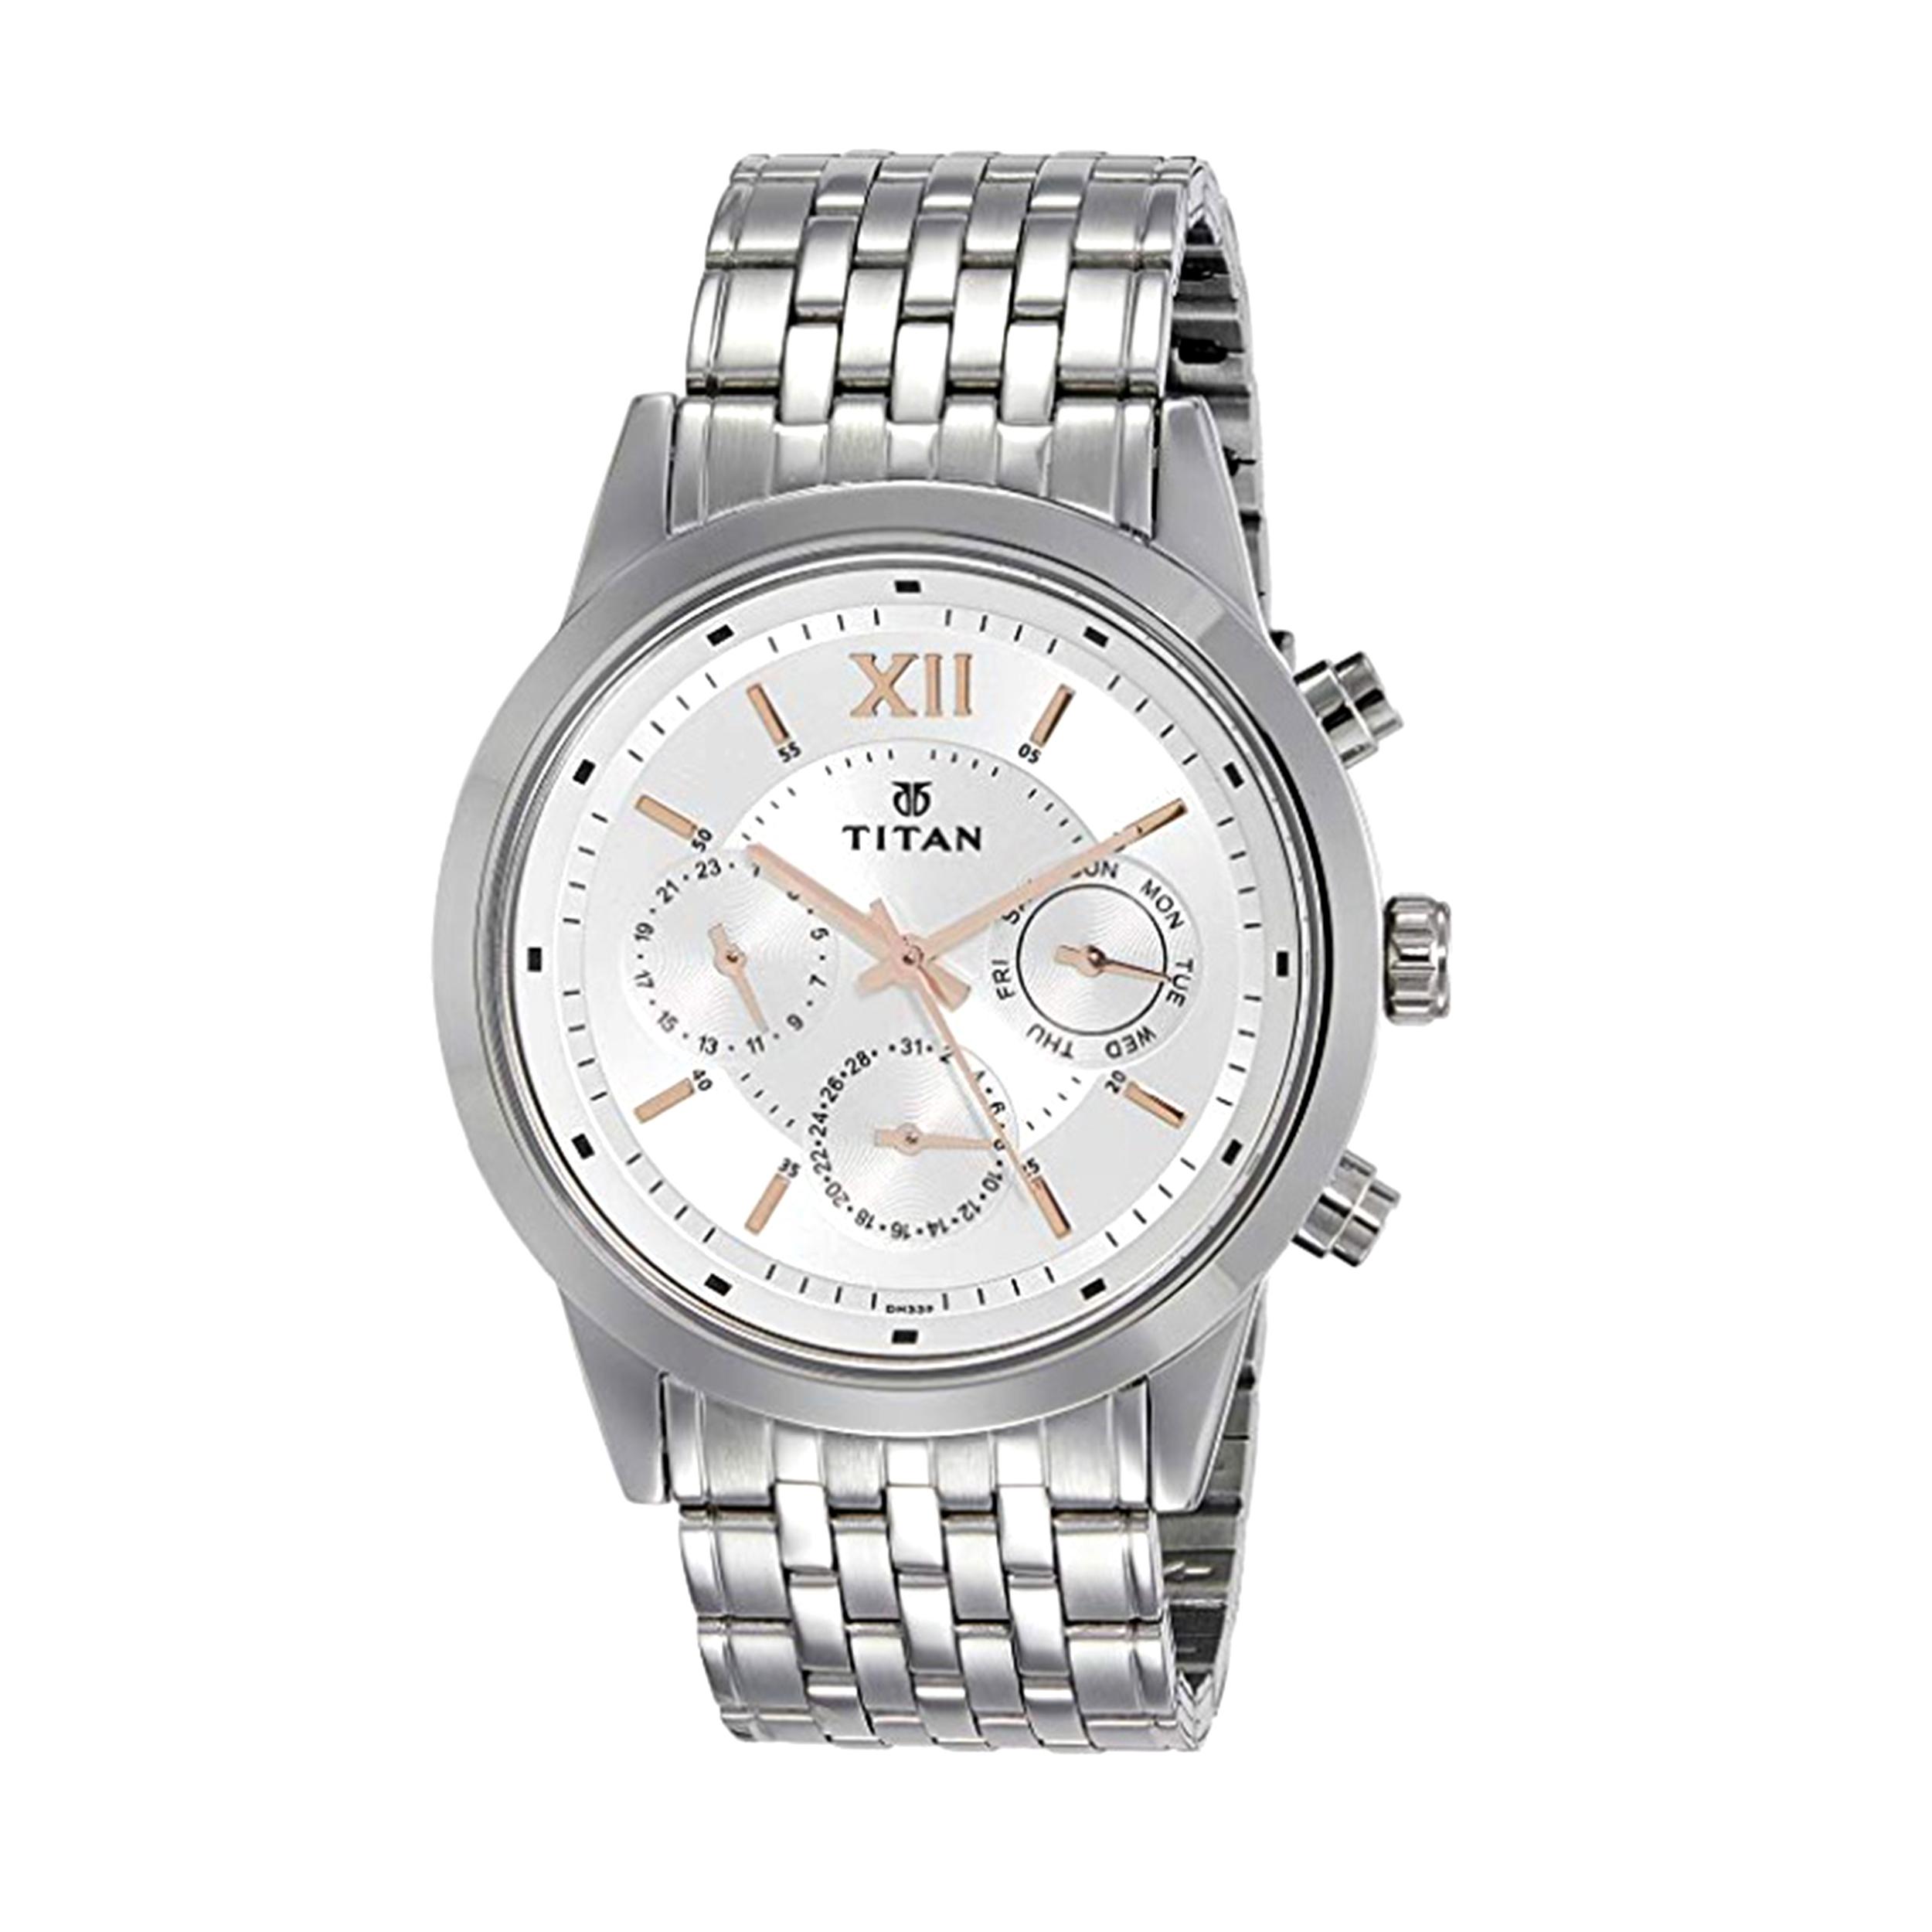 ساعت مچی عقربه ای مردانه تیتان مدل T1766SM02